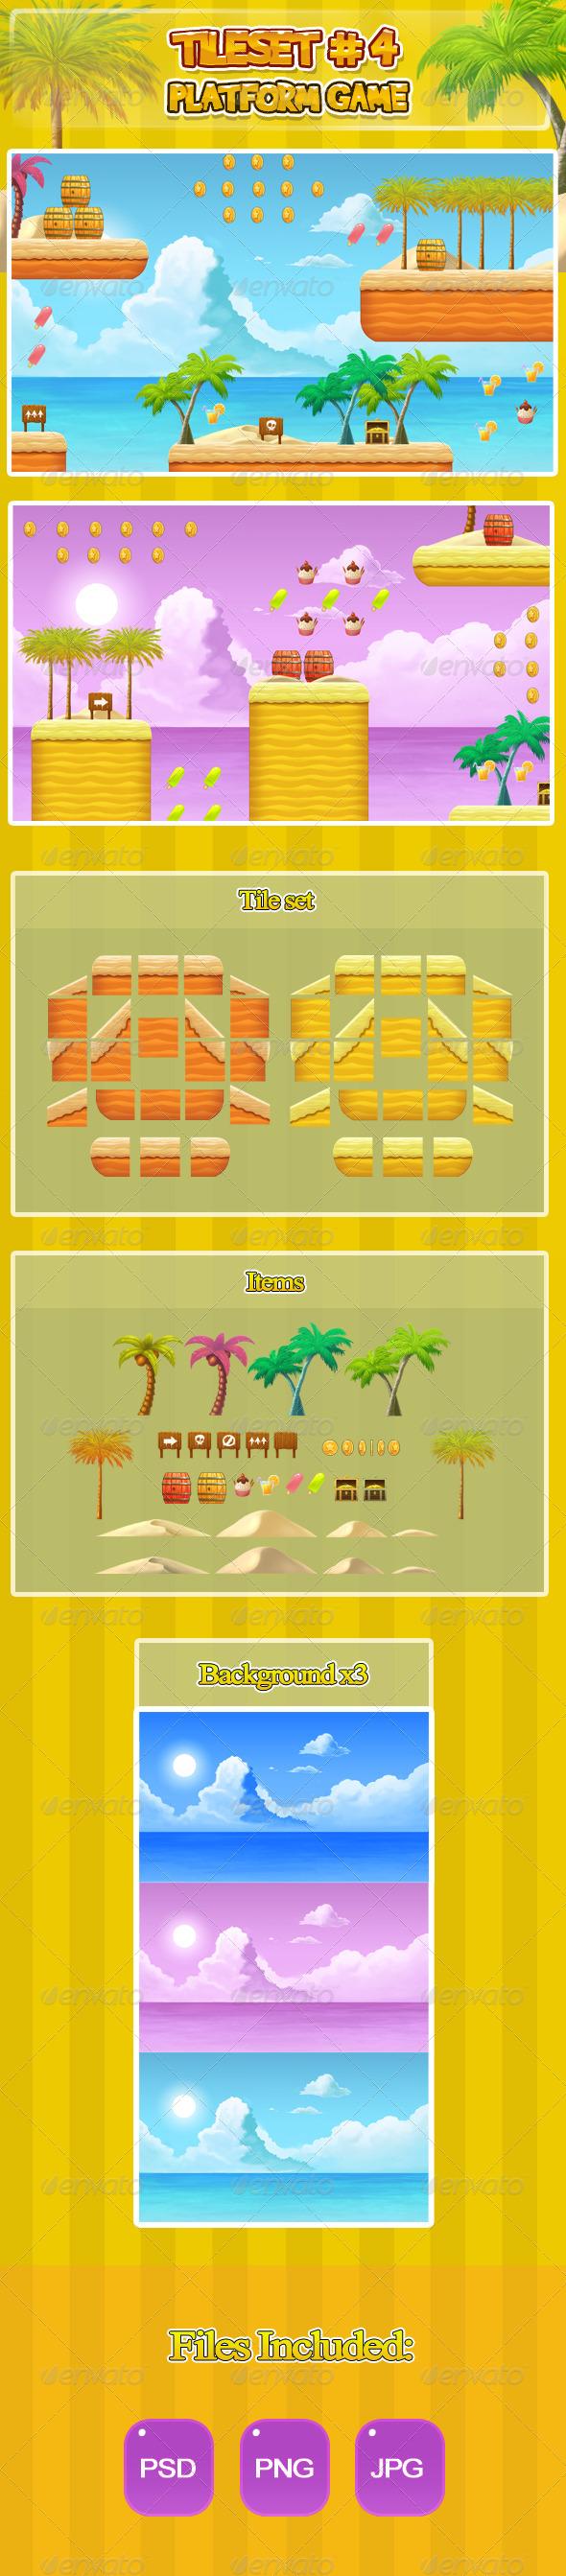 2D Tileset Platform Game 4 - Tilesets Game Assets